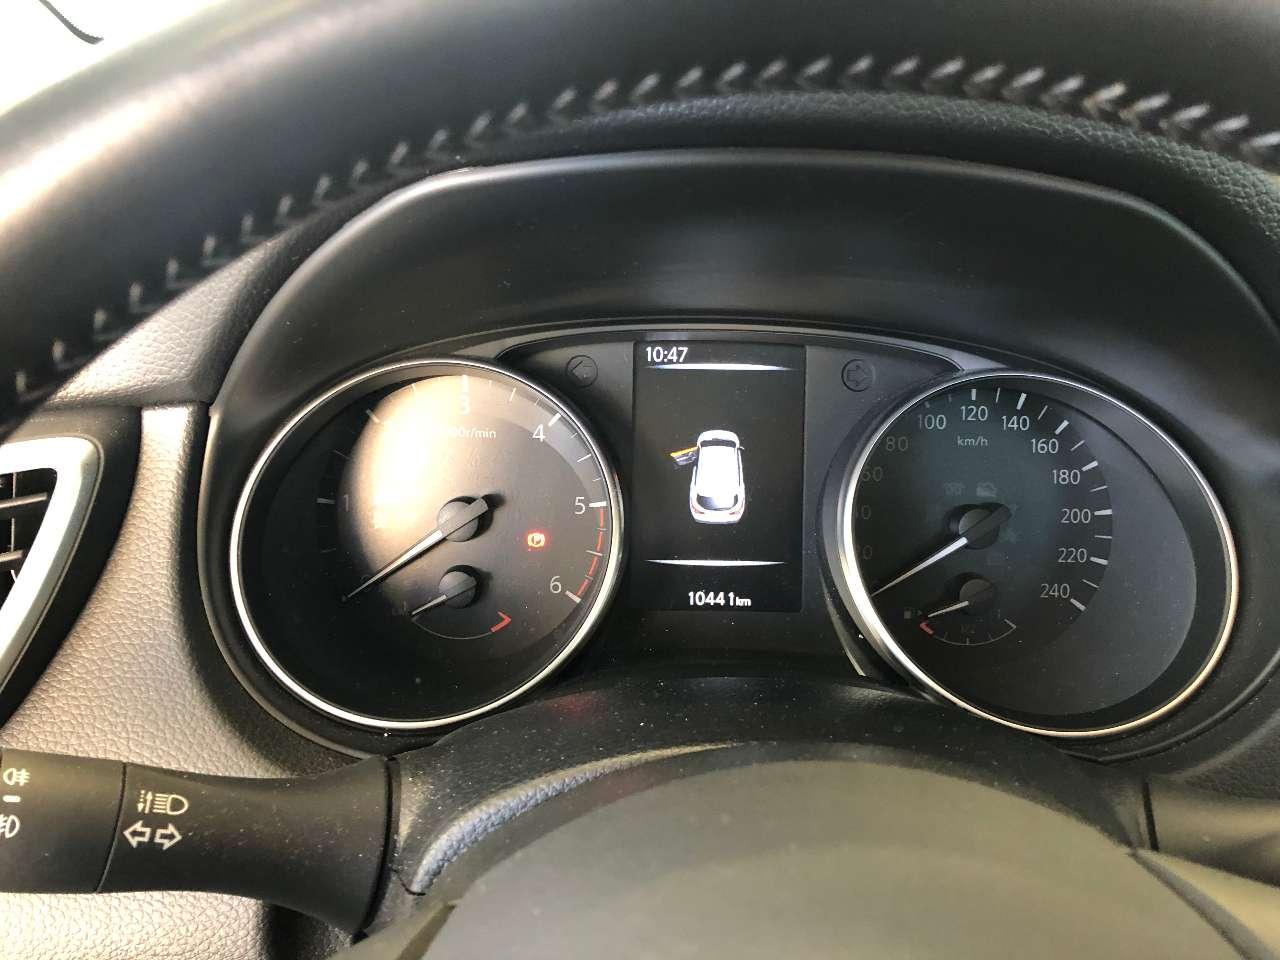 Nissan Qashqai 1.5 dCi 115 CV N-Connecta